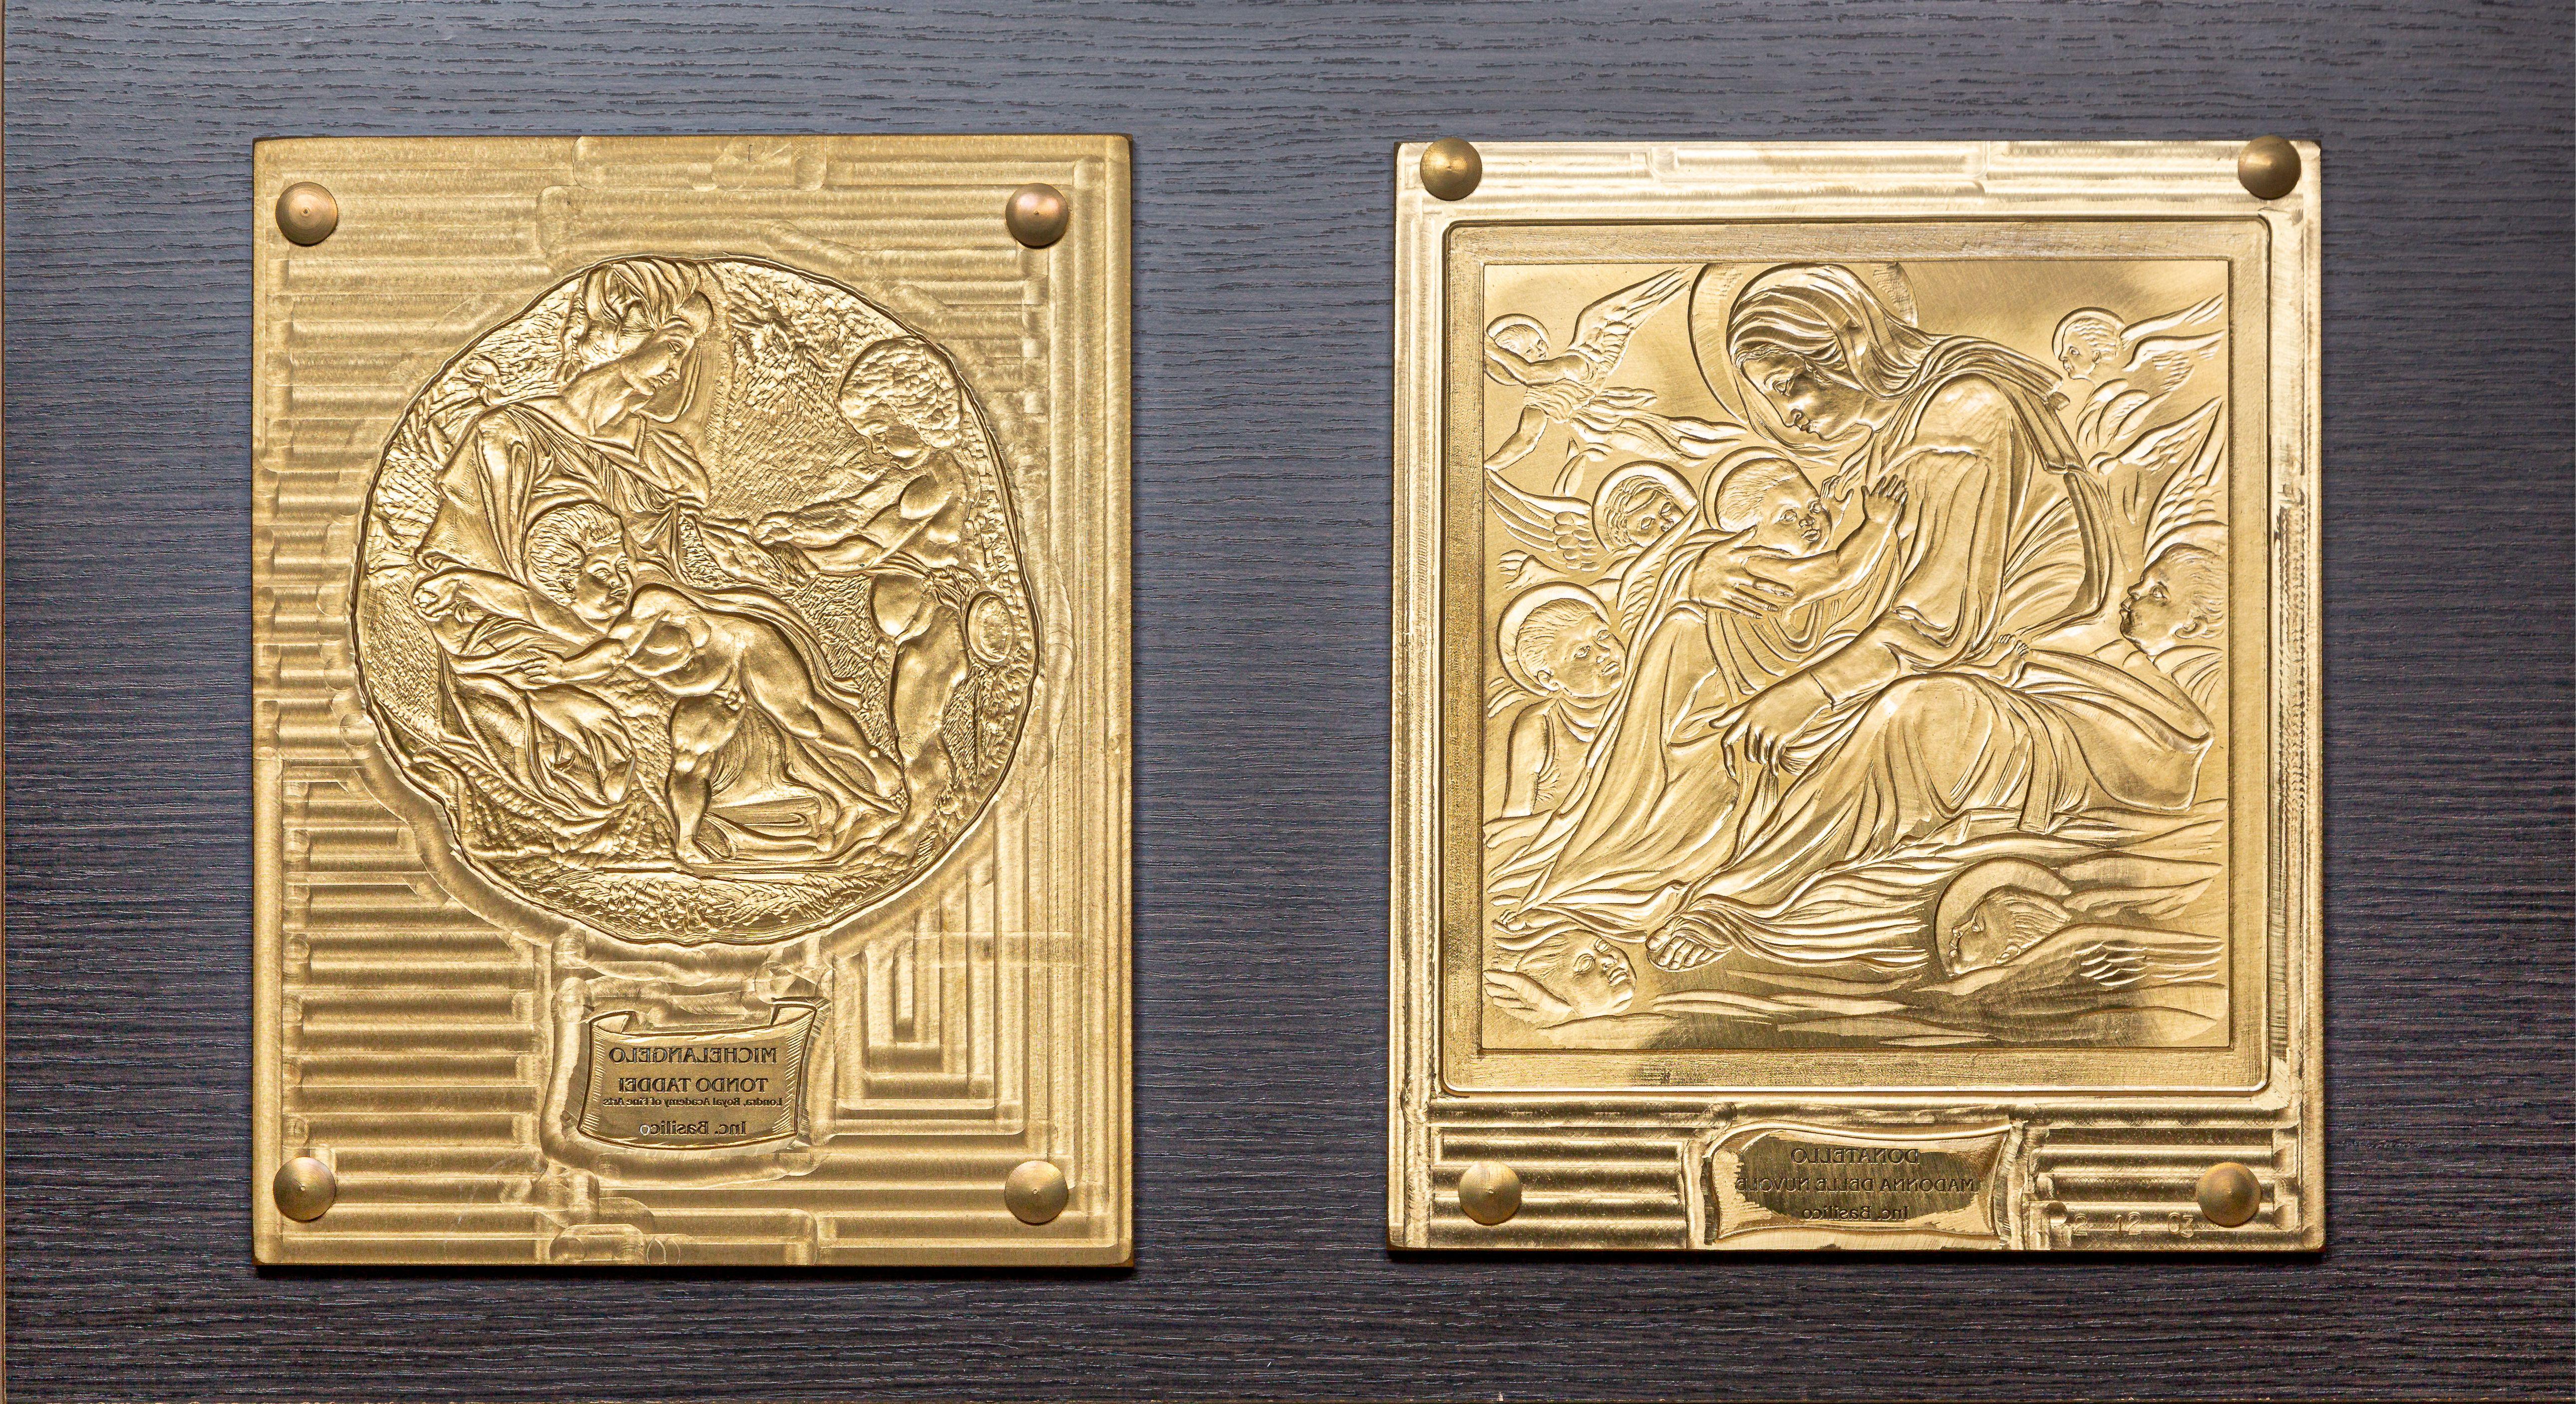 A.R.B. Arti Rilievografiche Basilico Solaro Milano